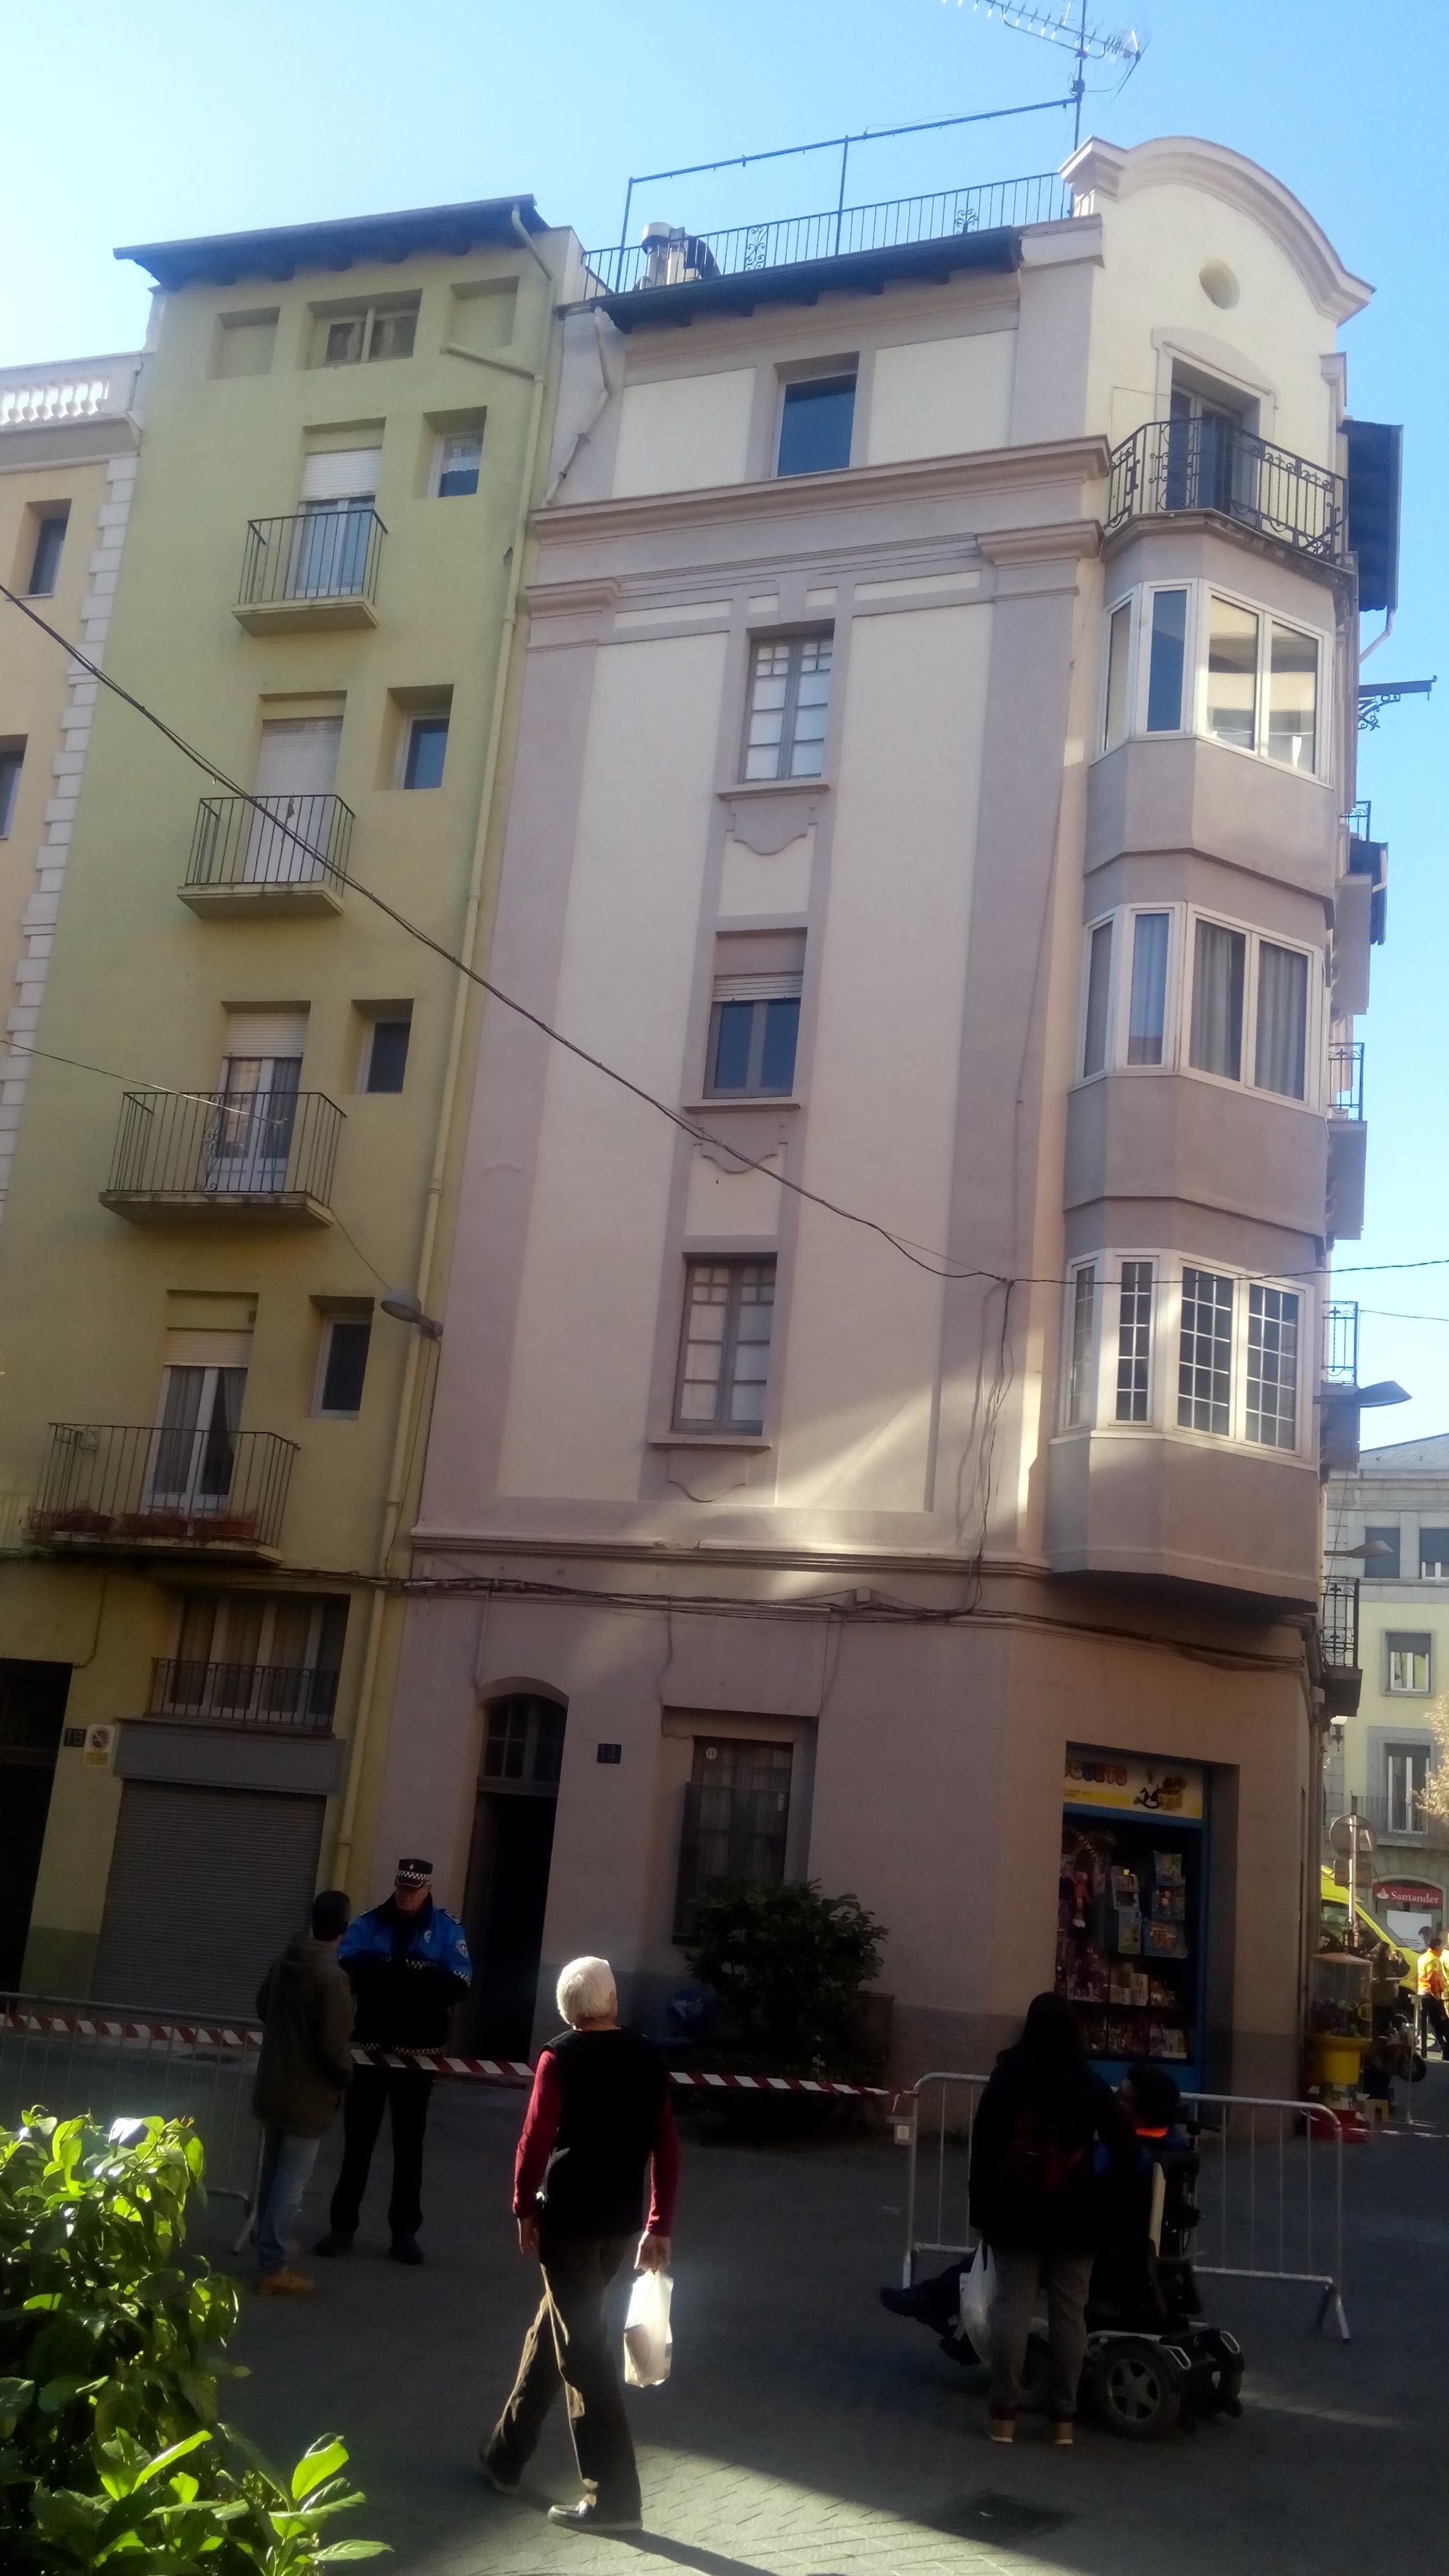 S'enfonsa el sostre d'un edifici a la Seu d'Urgell